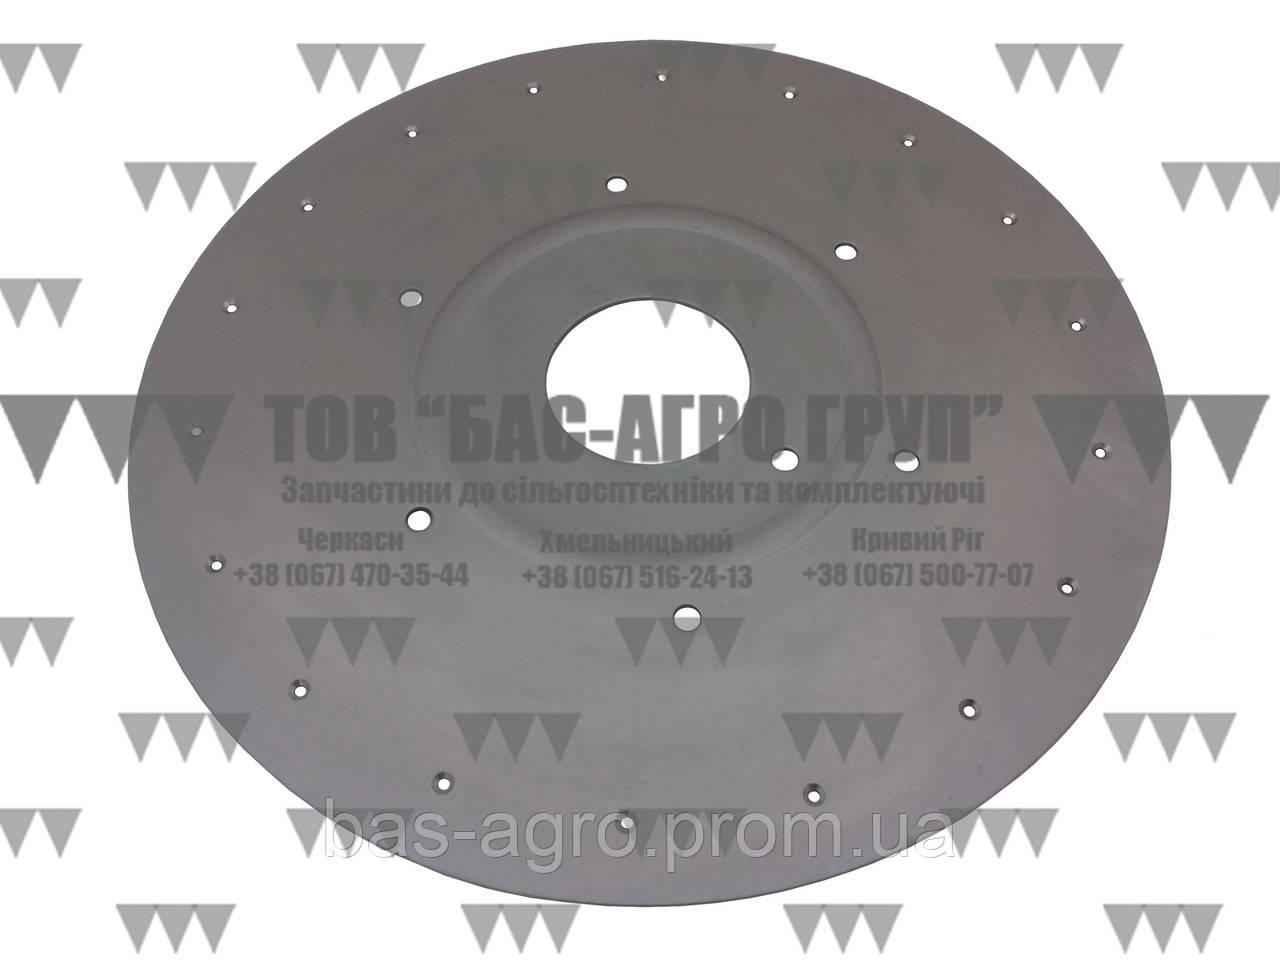 Диск высевающий (подсолнух) Monosem DN1825 (22000572) аналог